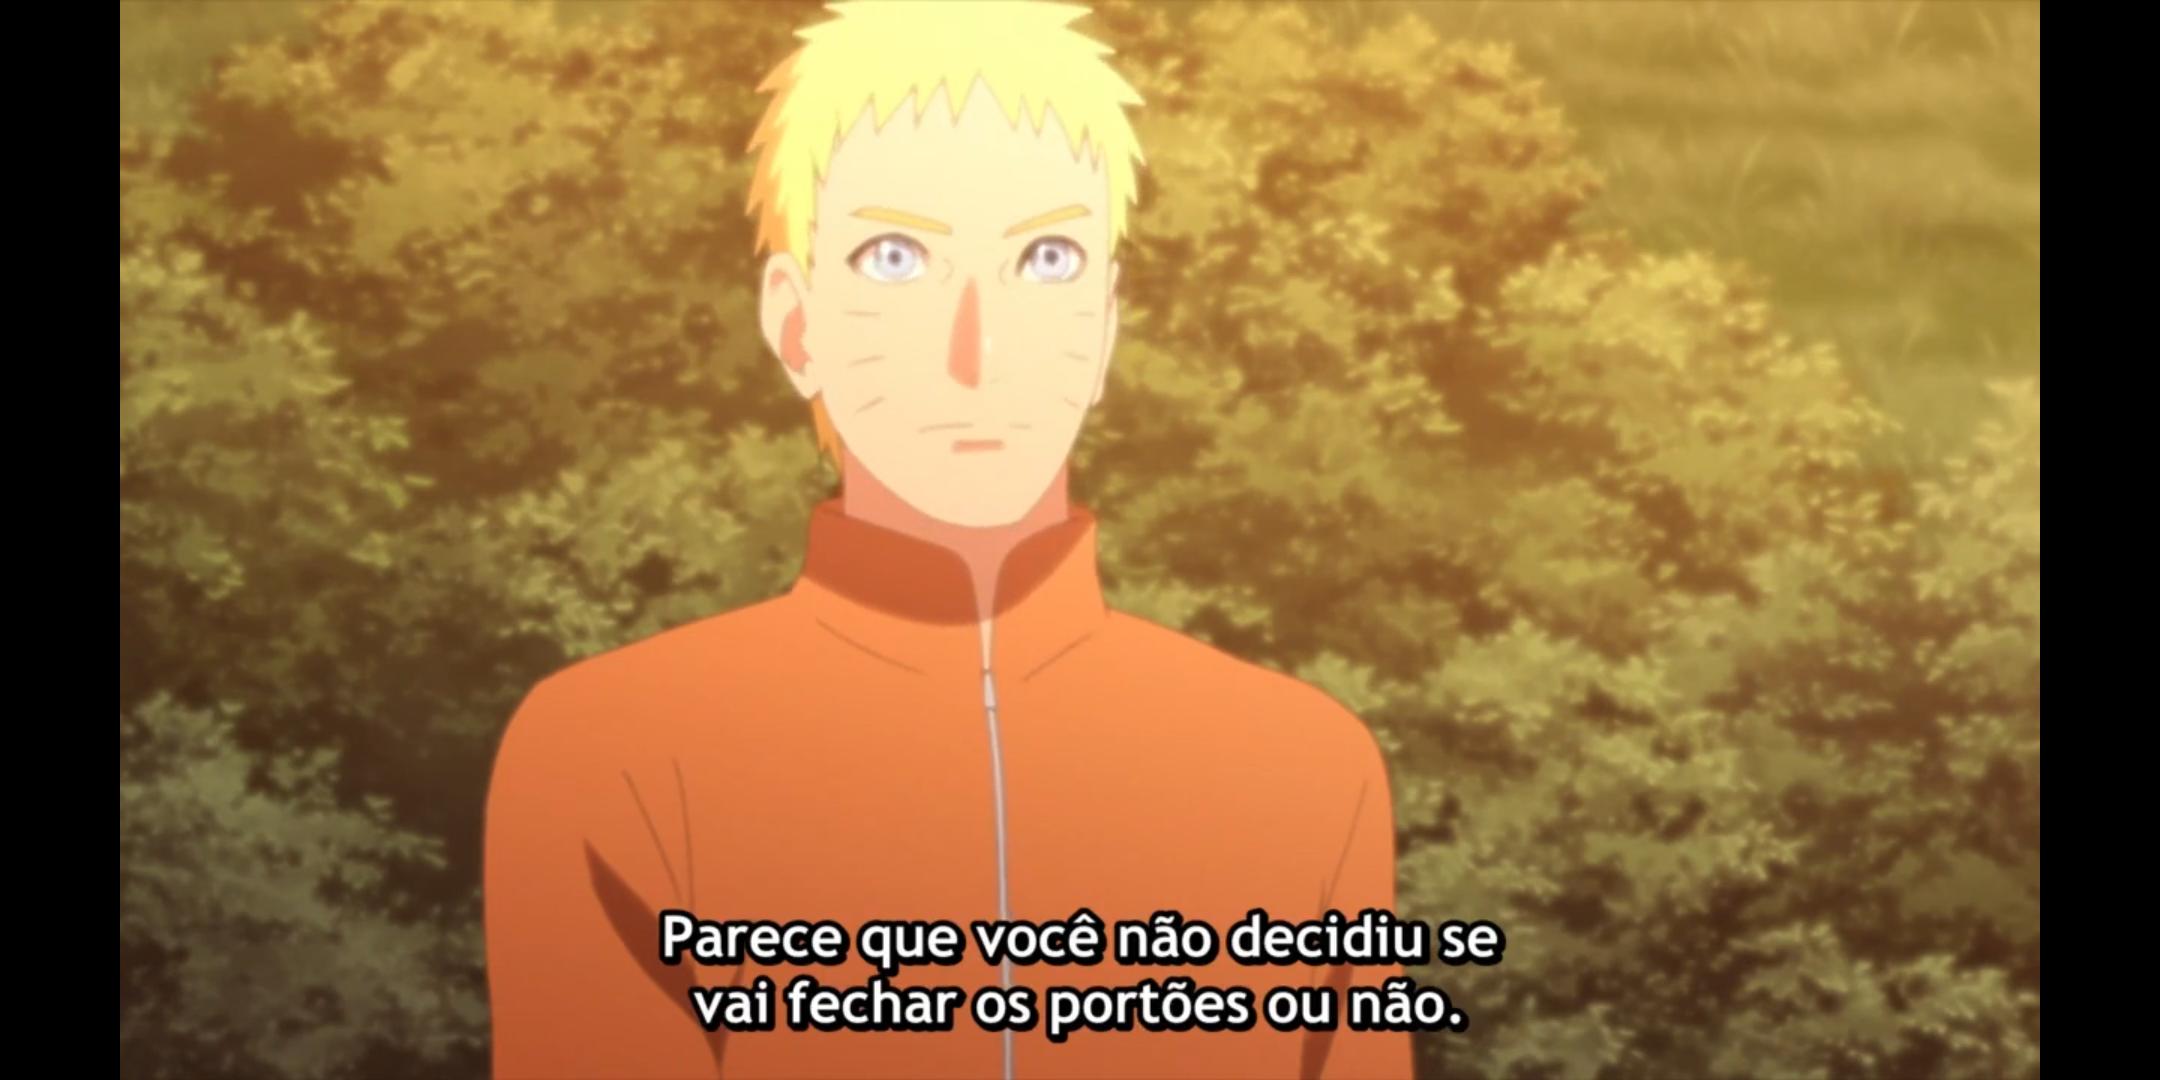 Episódio 176 de Boruto - Kakashi conversa com Naruto